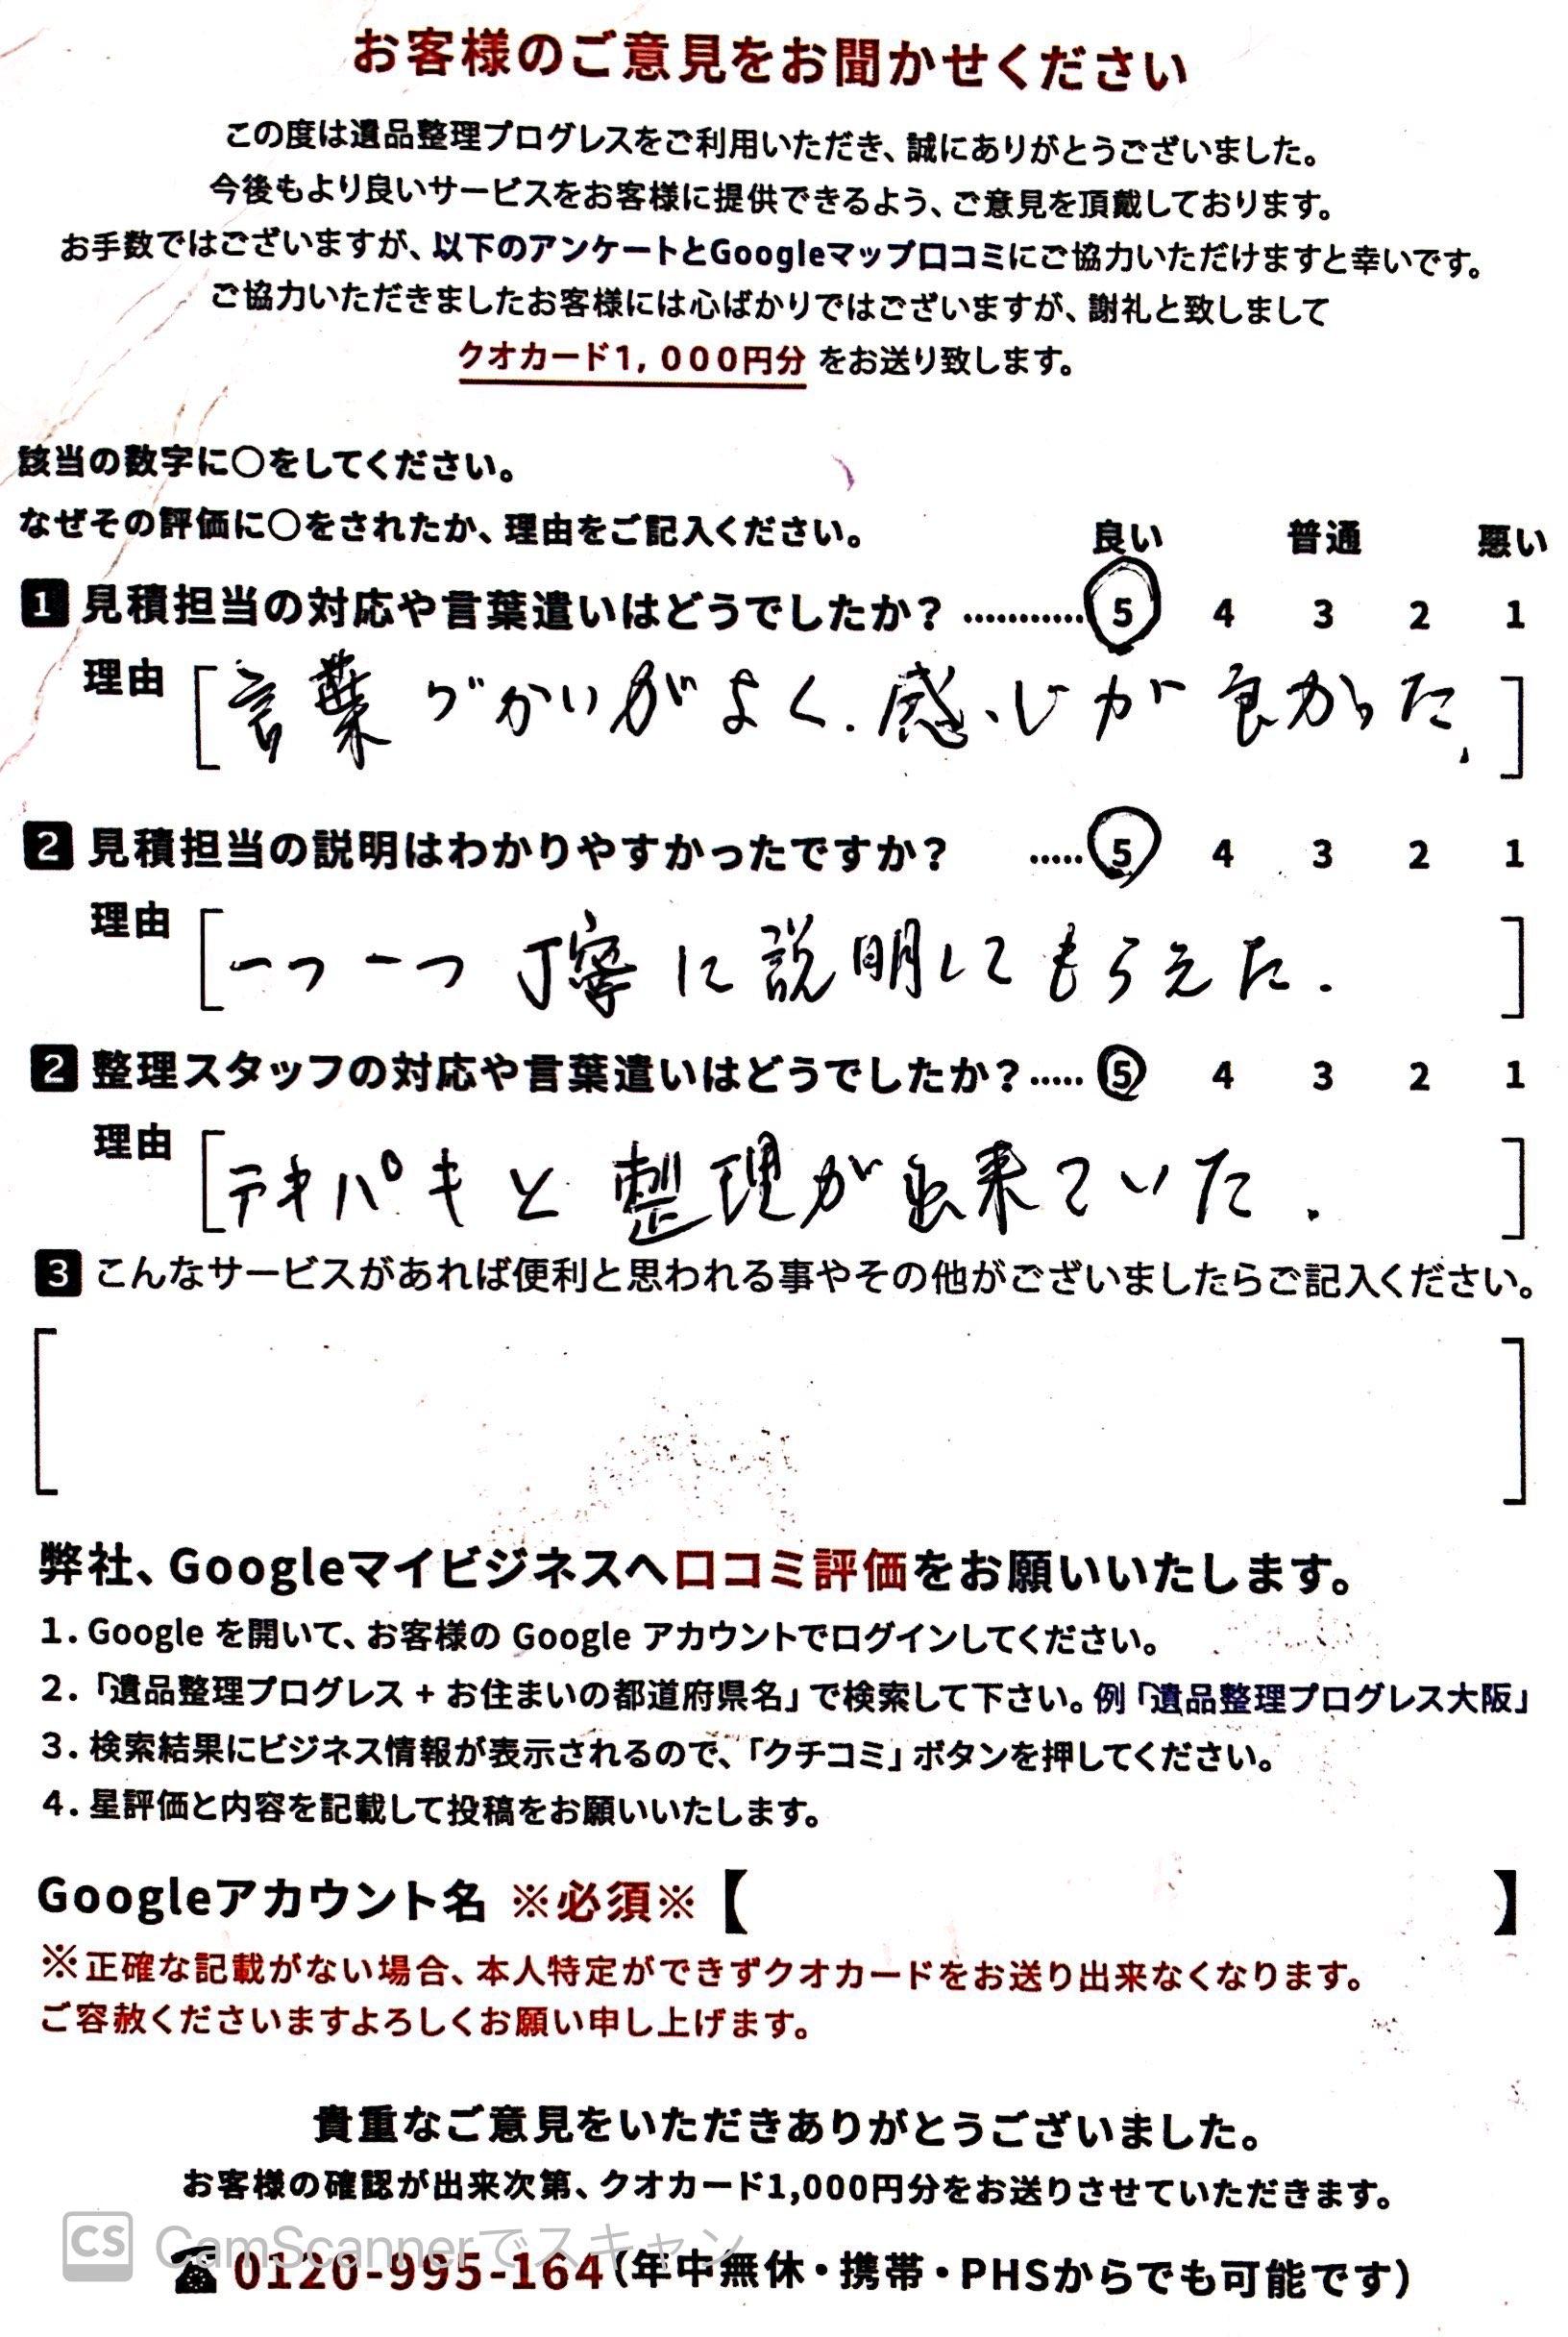 熊本県熊本市北区 M・T様のアンケート用紙